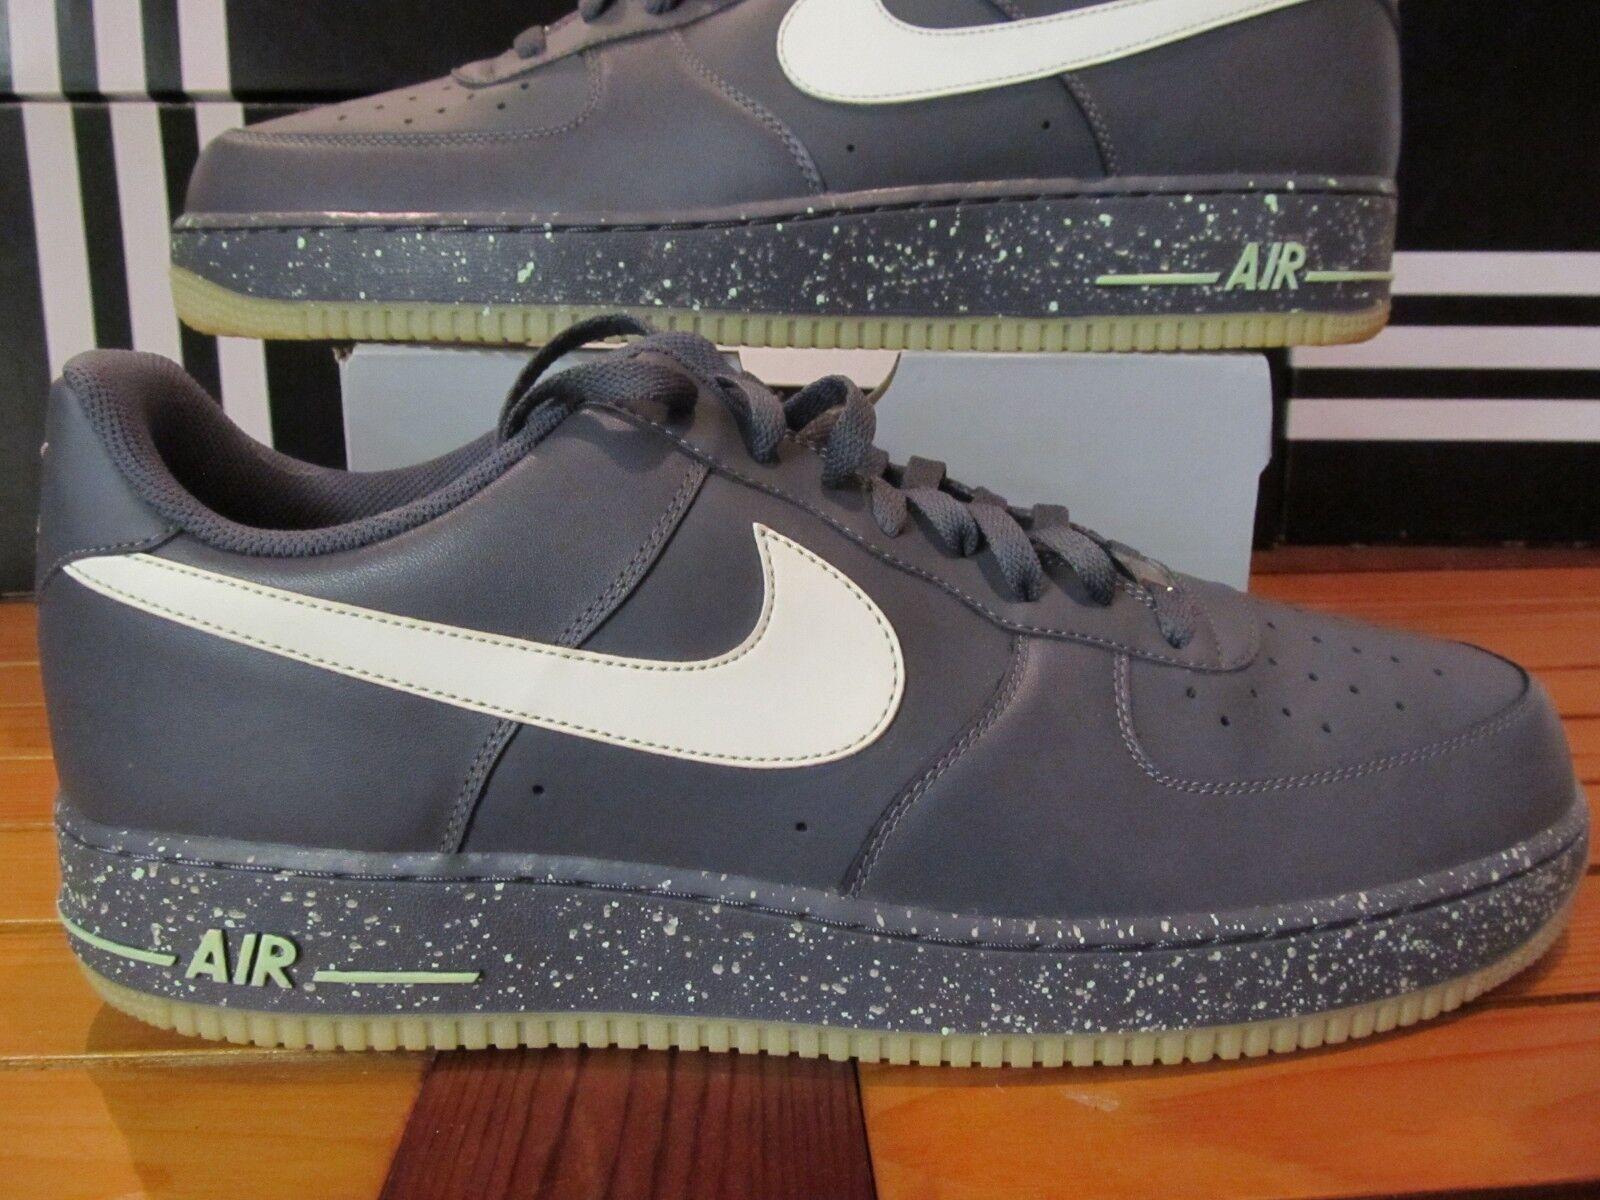 Selten Neu Nike Air Force 1 grey Leuchten Im Dunklen Gitd 16 488298 019 Prm Lux